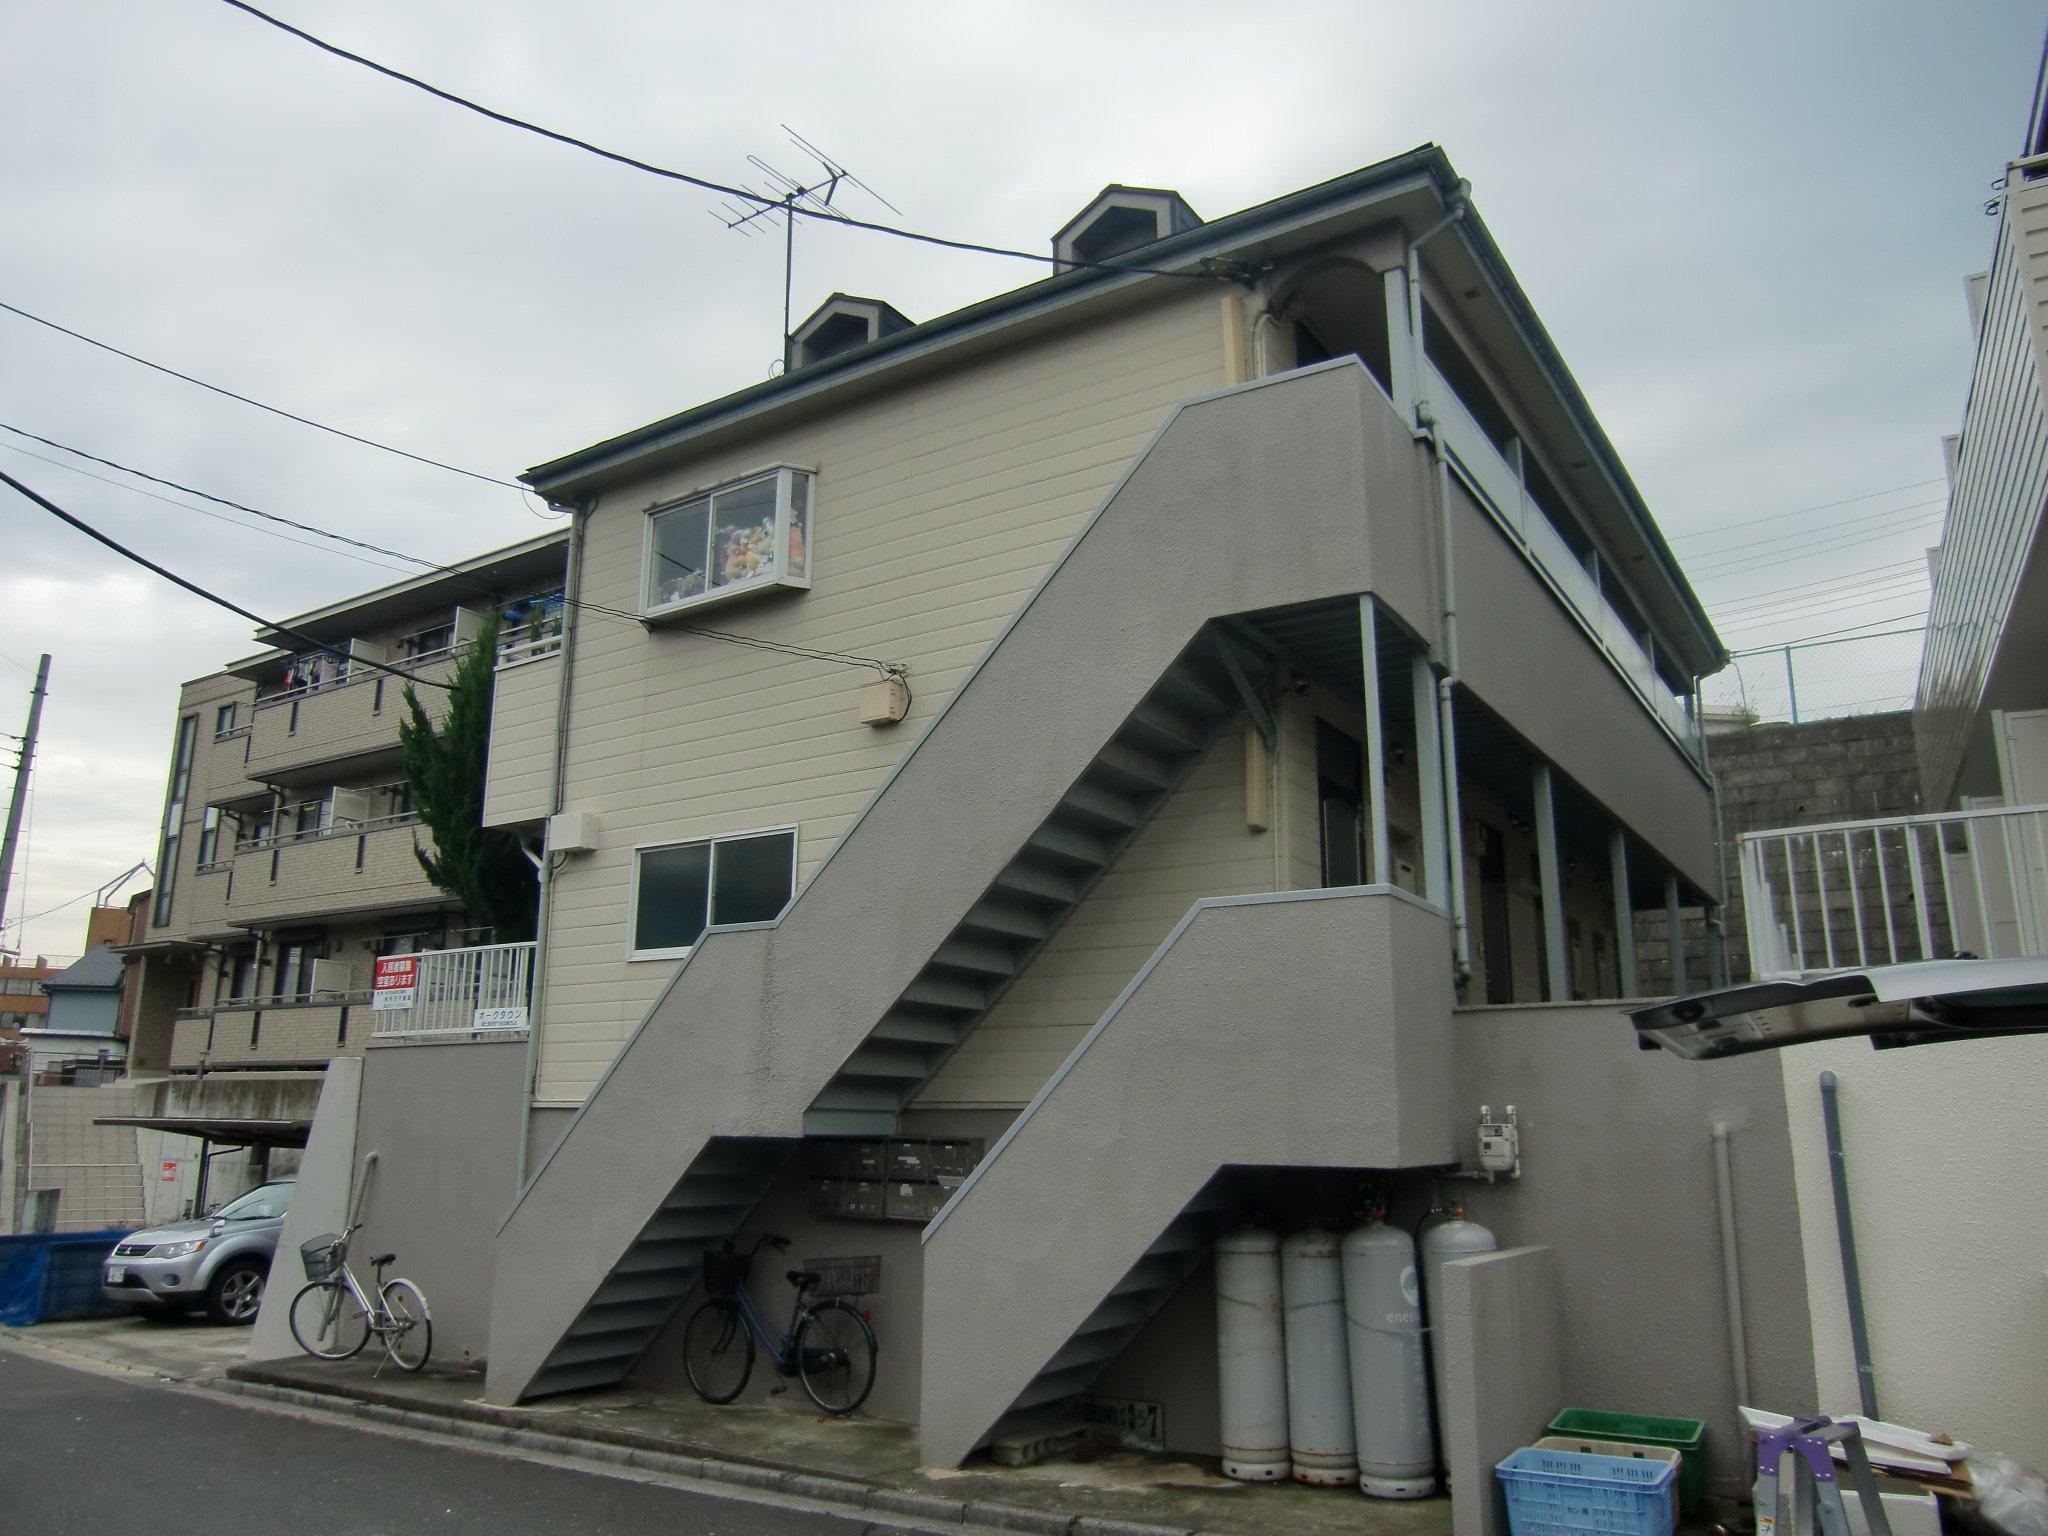 オークタウン 0074 - After:1枚目